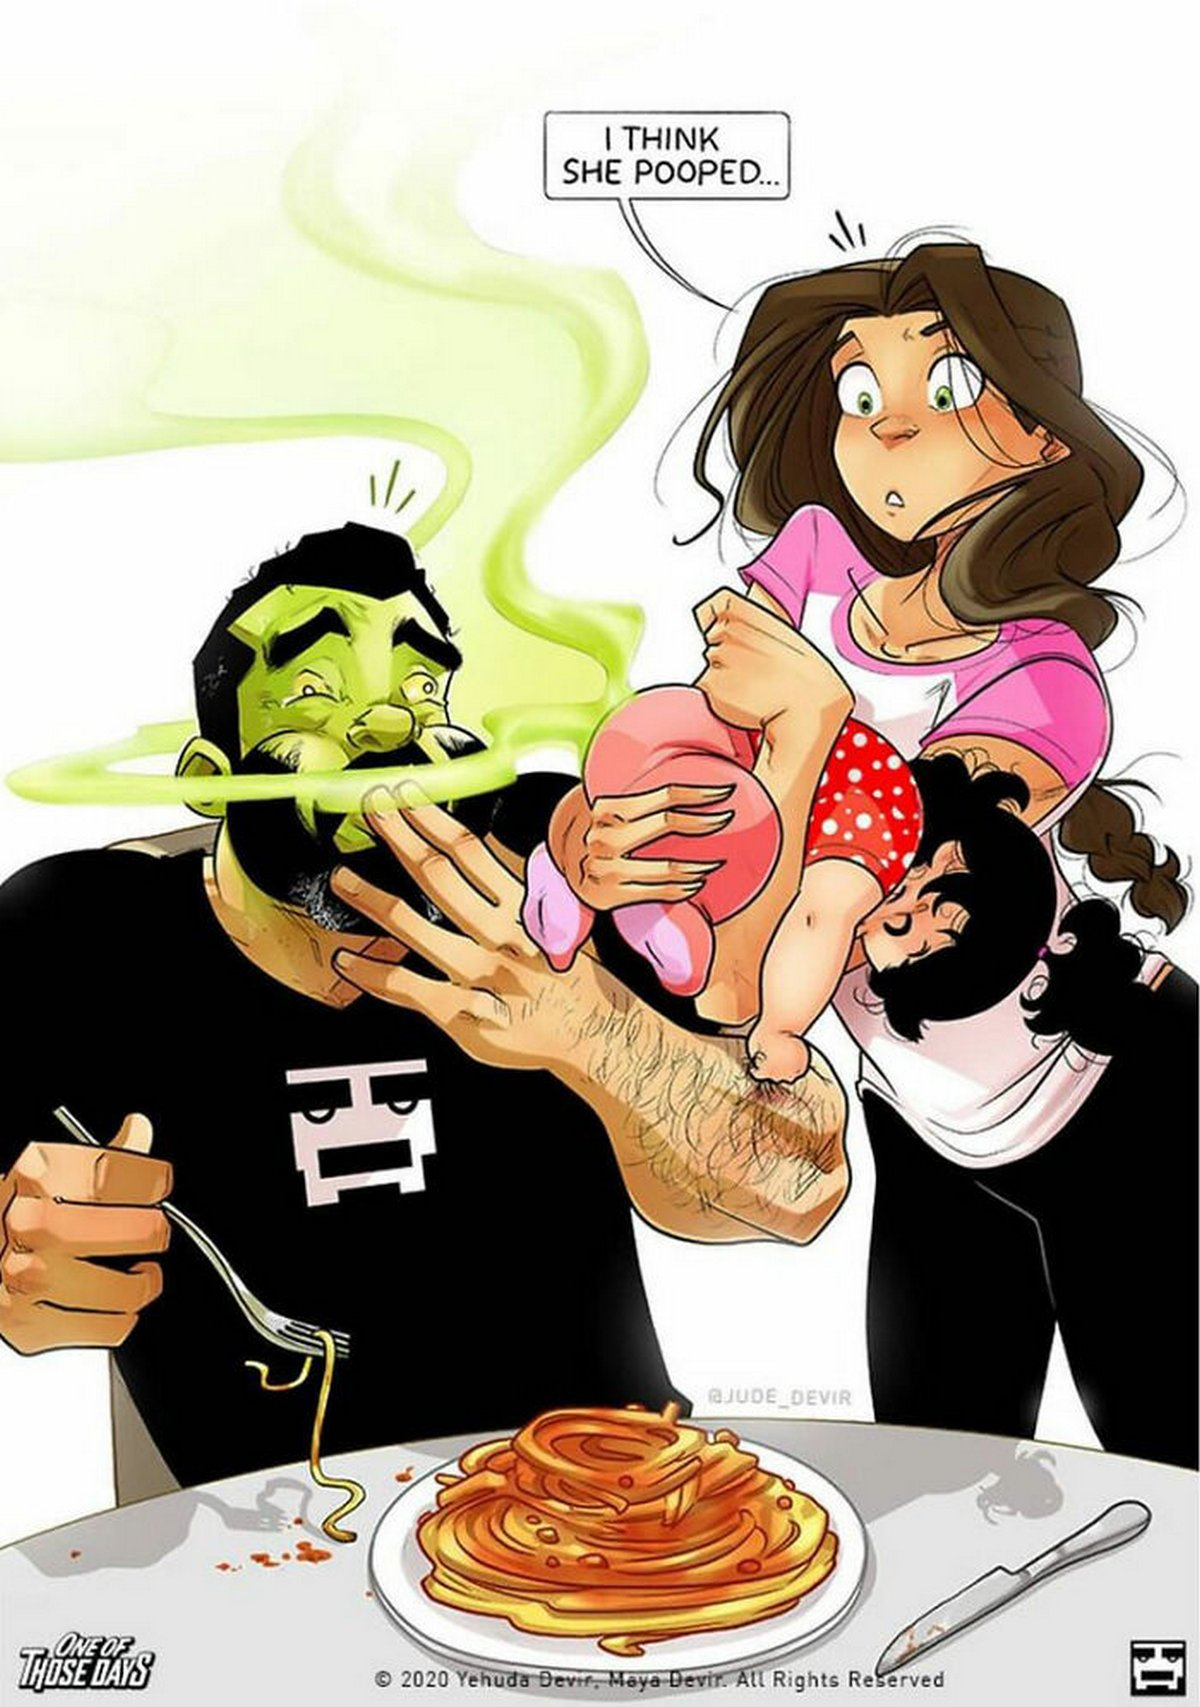 Cet artiste qui dessine son quotidien avec sa femme va avoir un autre bébé et il montre leurs luttes parentales en 22 illustrations